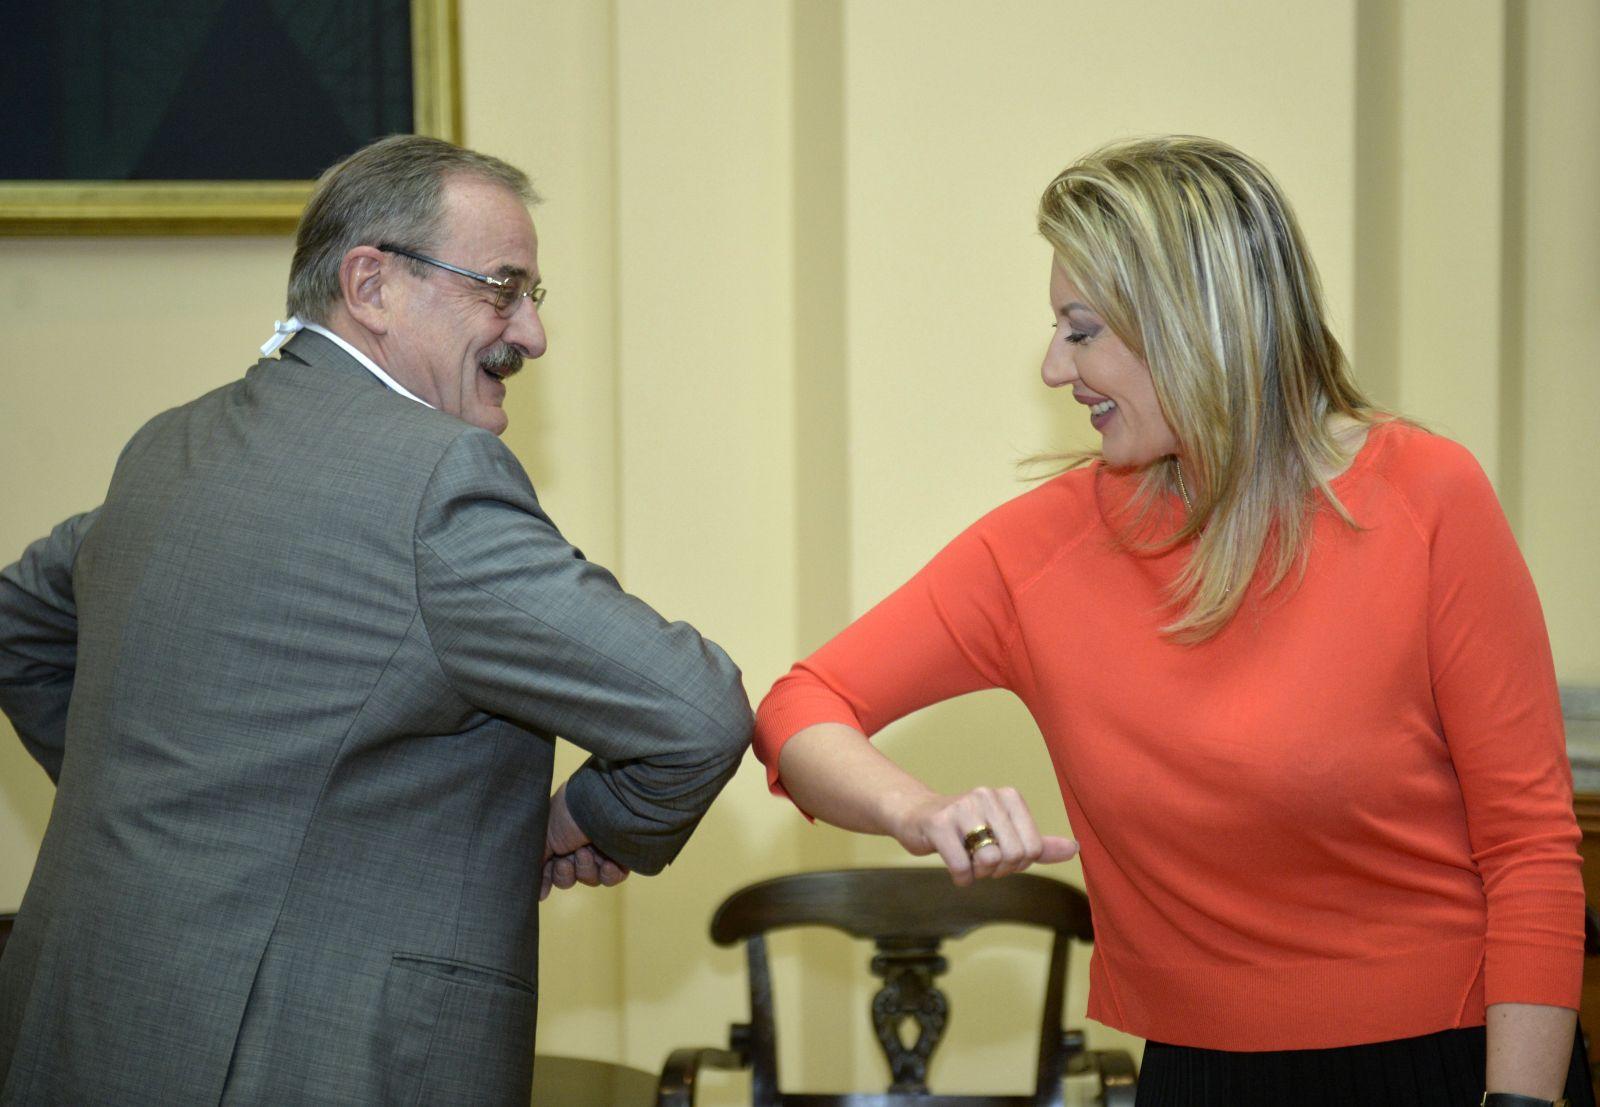 Ј. Јоксимовић: ХР настоји да се до краја јуна отворе поглавља са СРБ